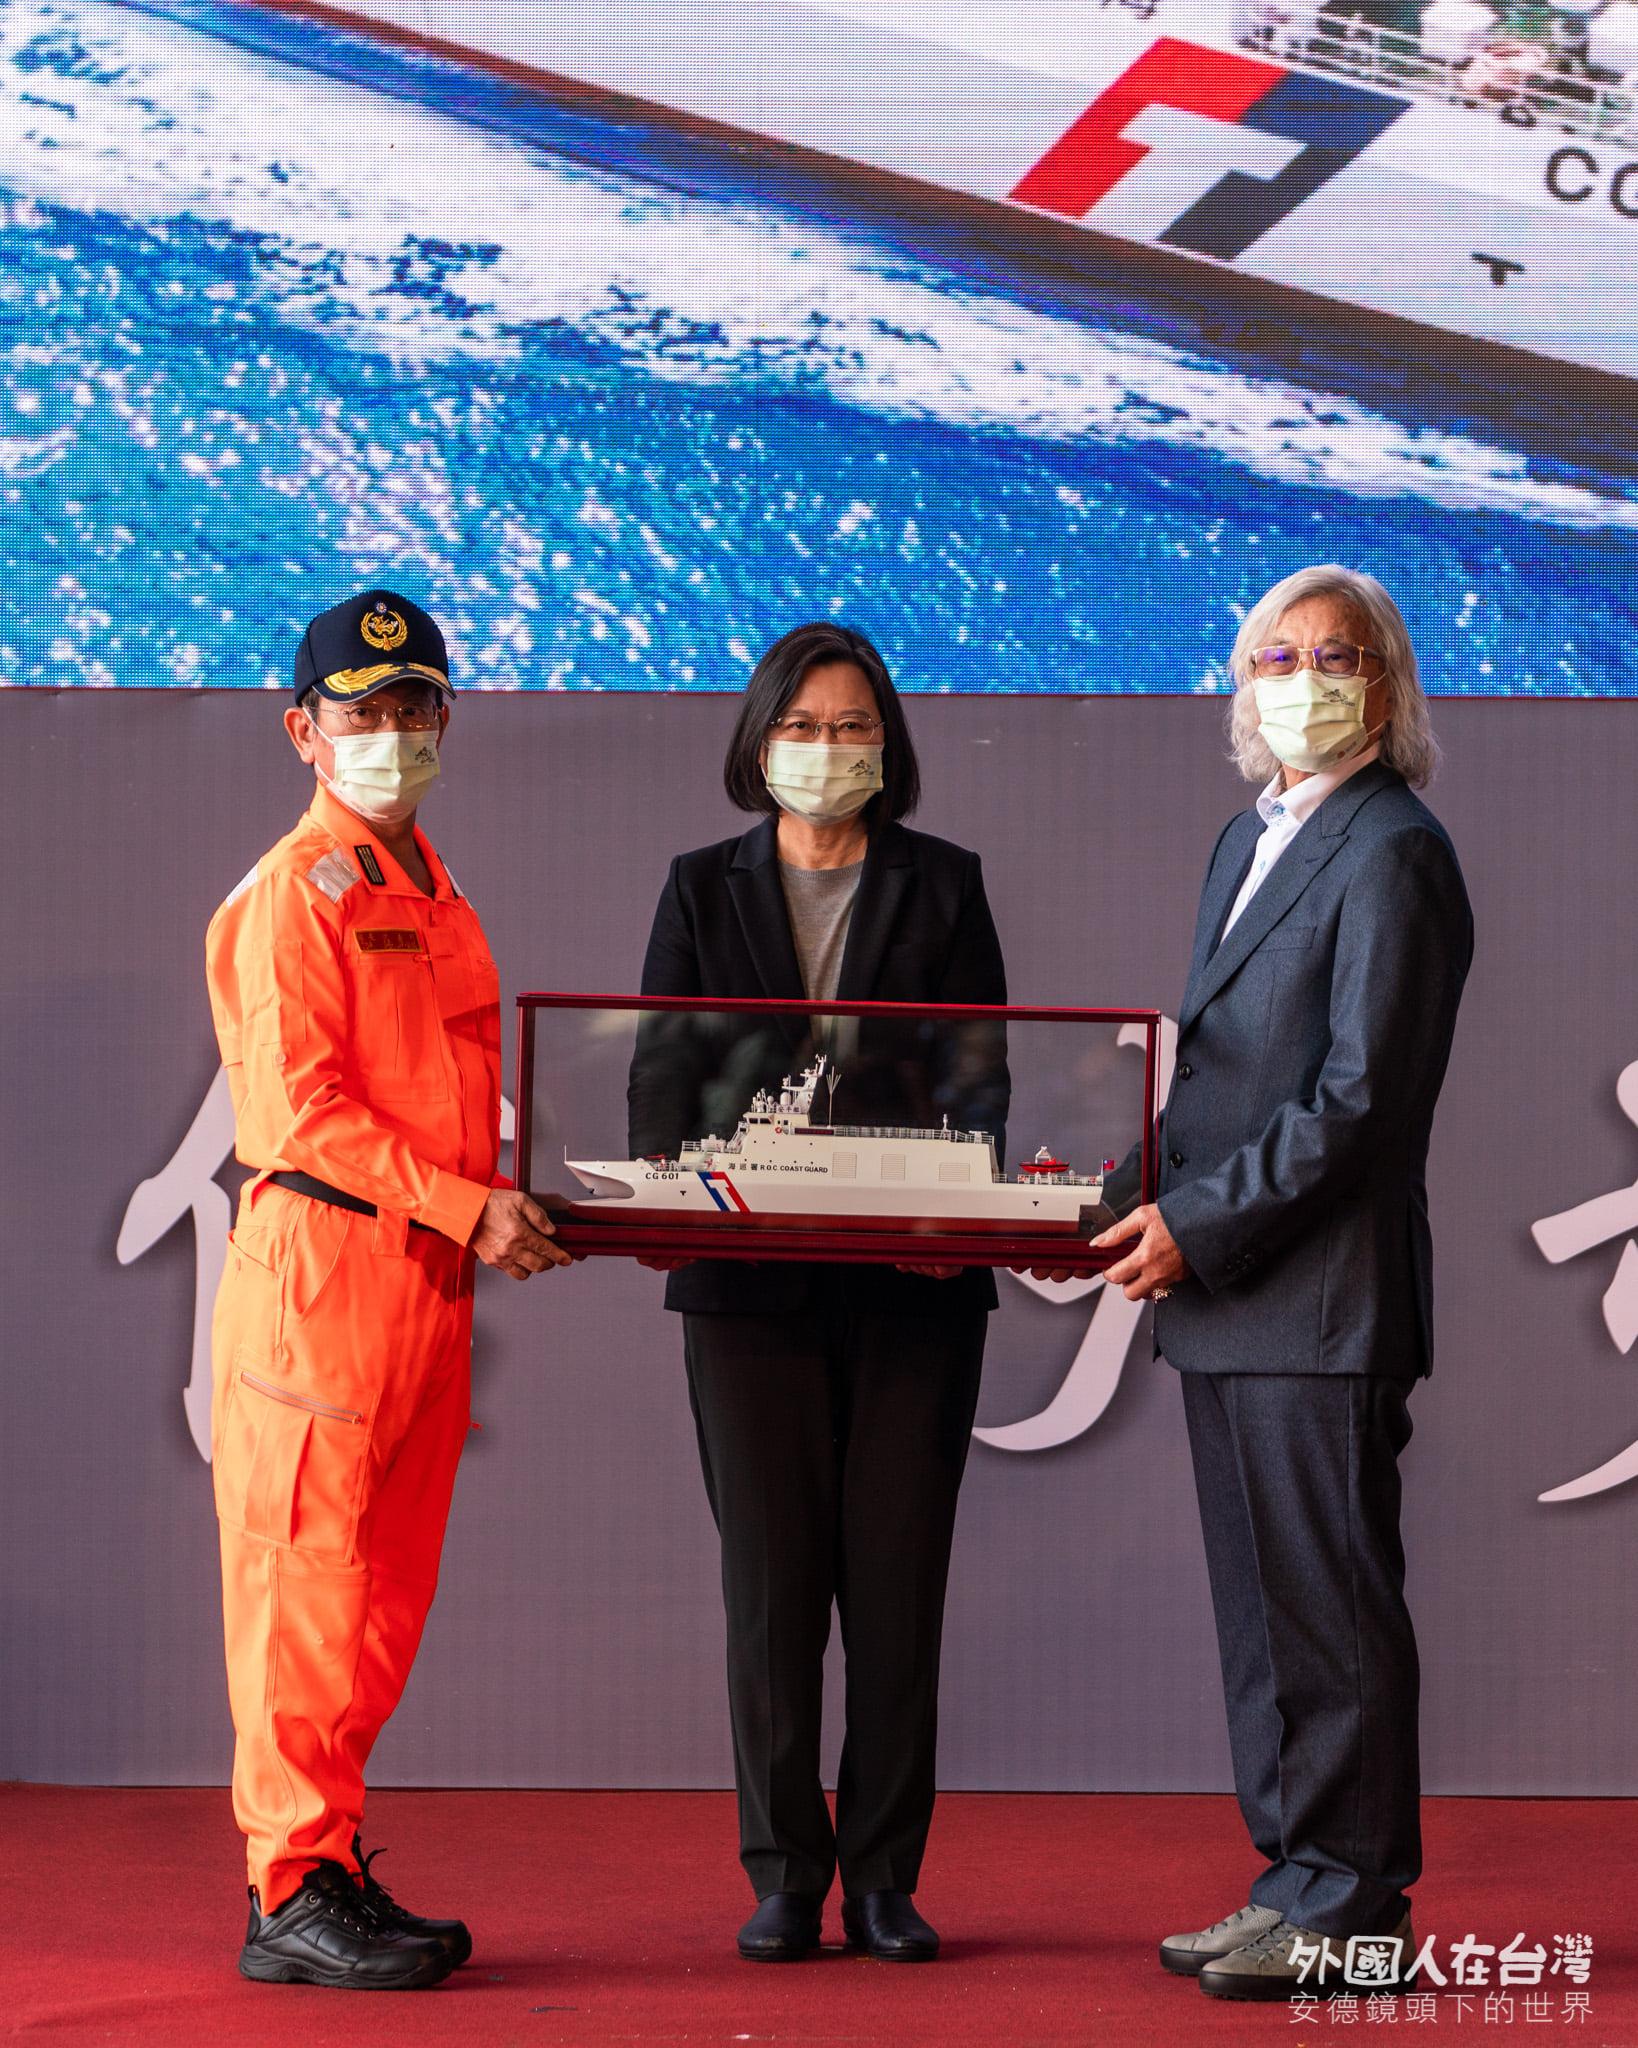 中信造船董事長韓碧祥致贈船模給蔡英文總統